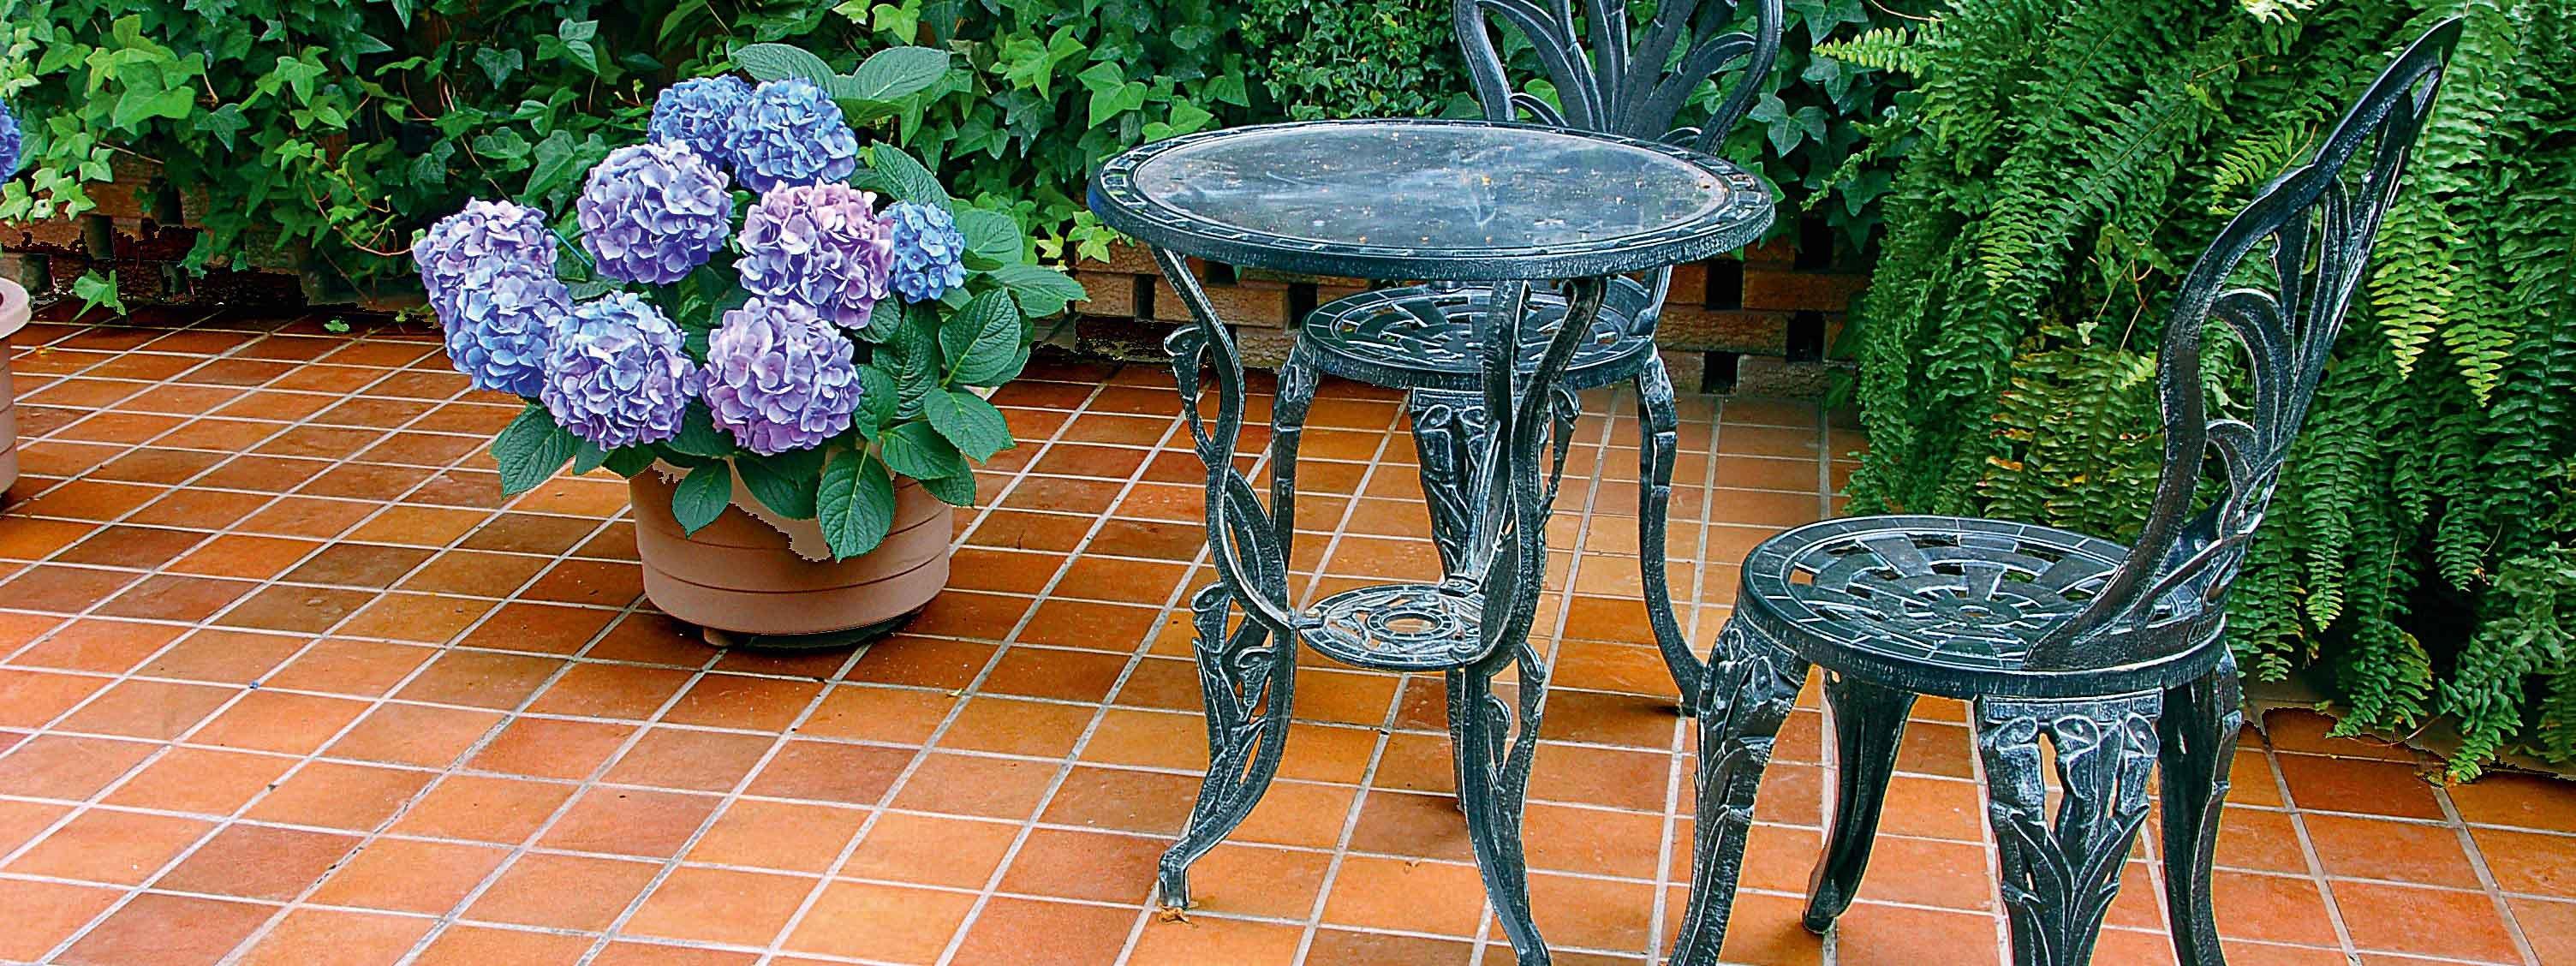 Impermeabilizzare il pavimento del balcone o del terrazzo - Cose di Casa